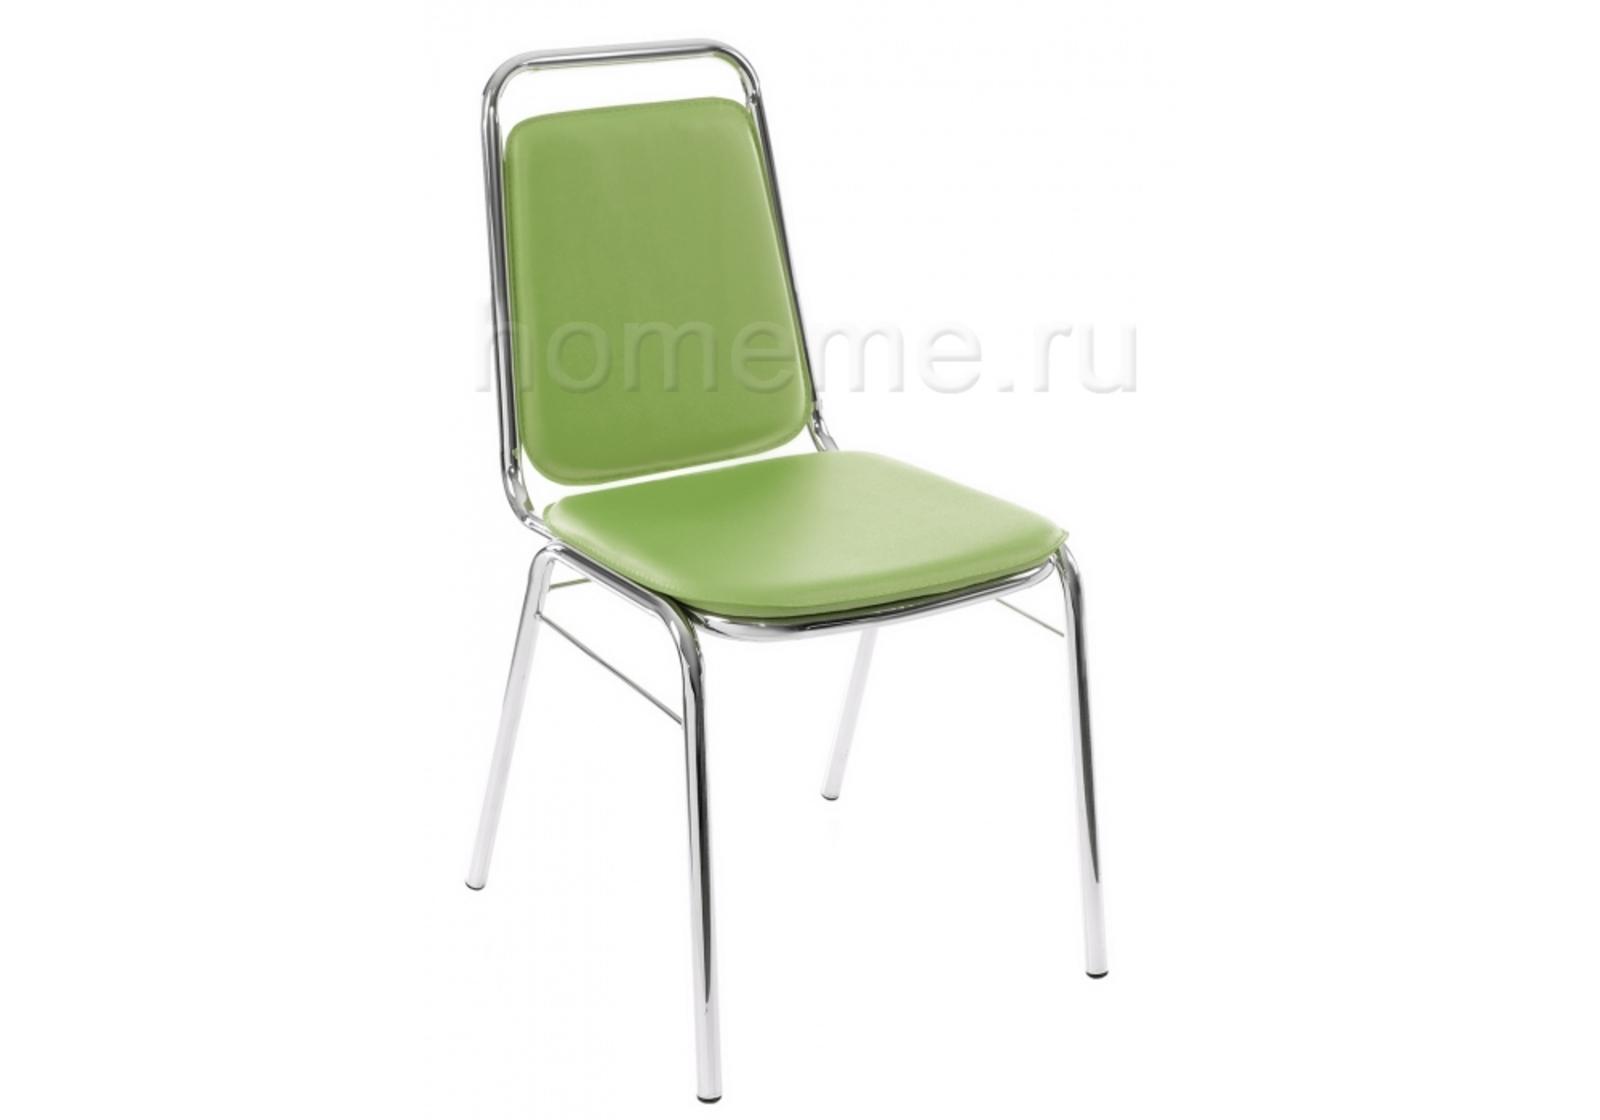 Стул HomeMe Стул Riol зеленый 11048 от Homeme.ru